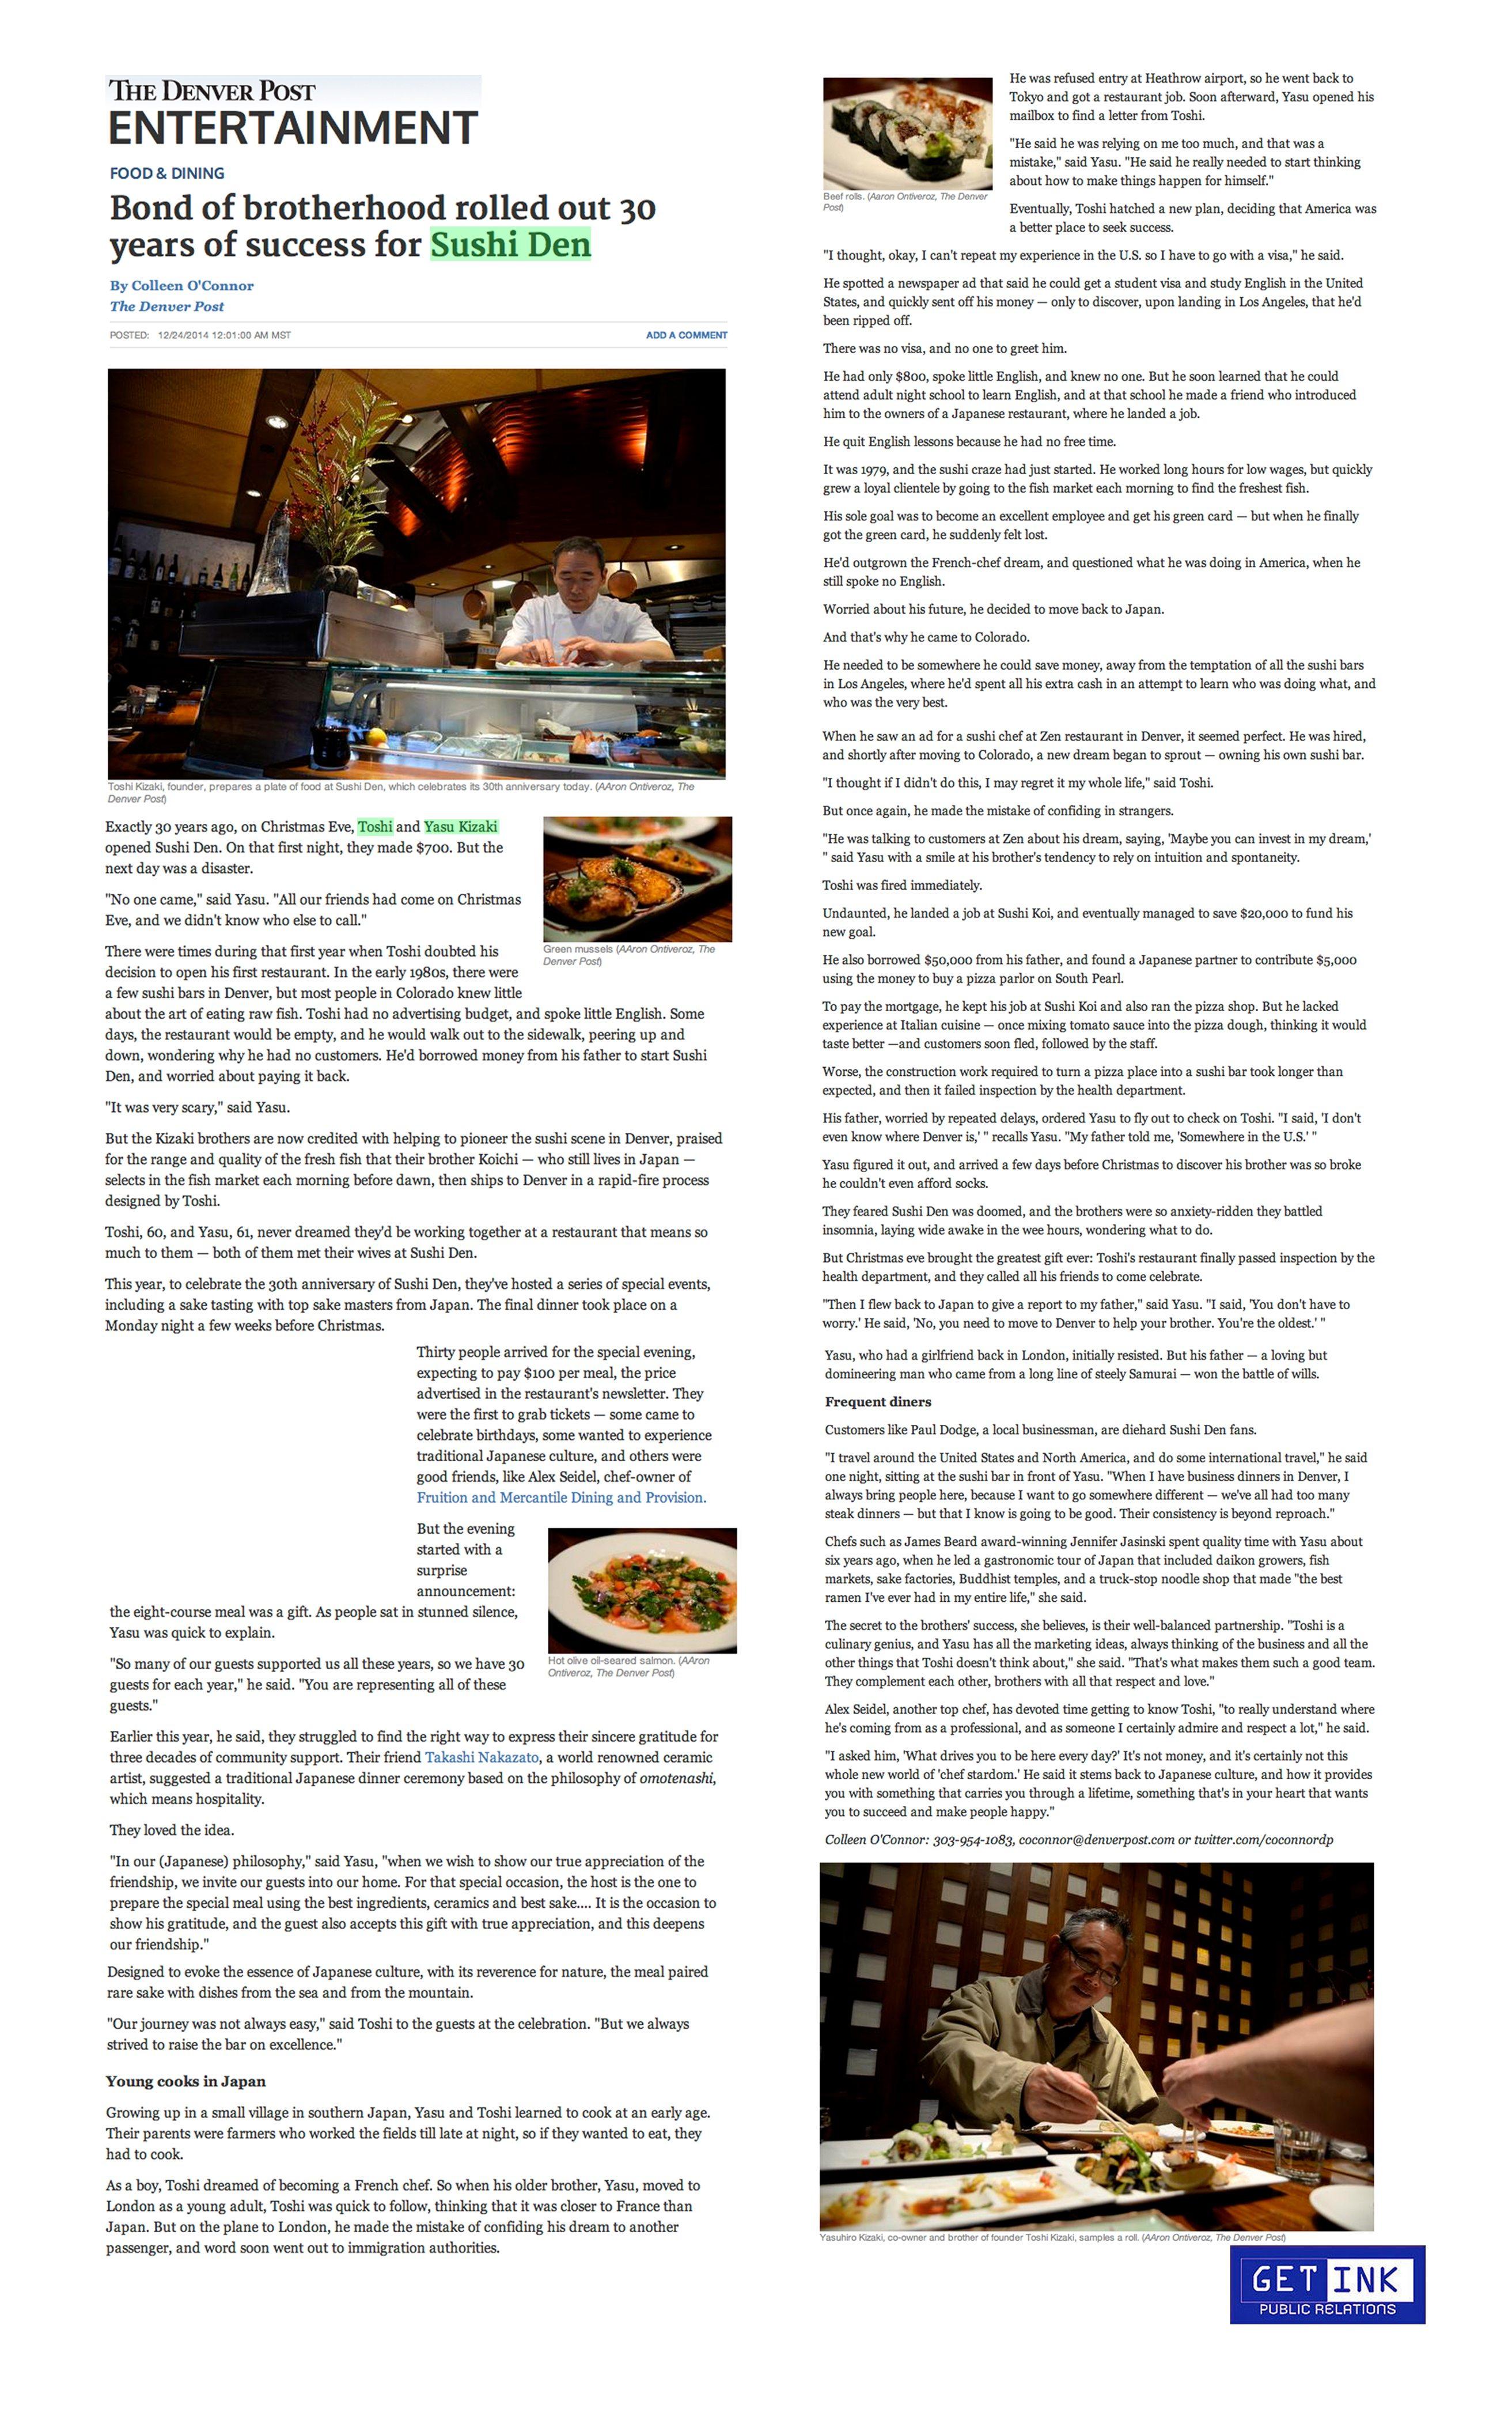 Sushi Den 30 years Denver Post - Get Ink PR